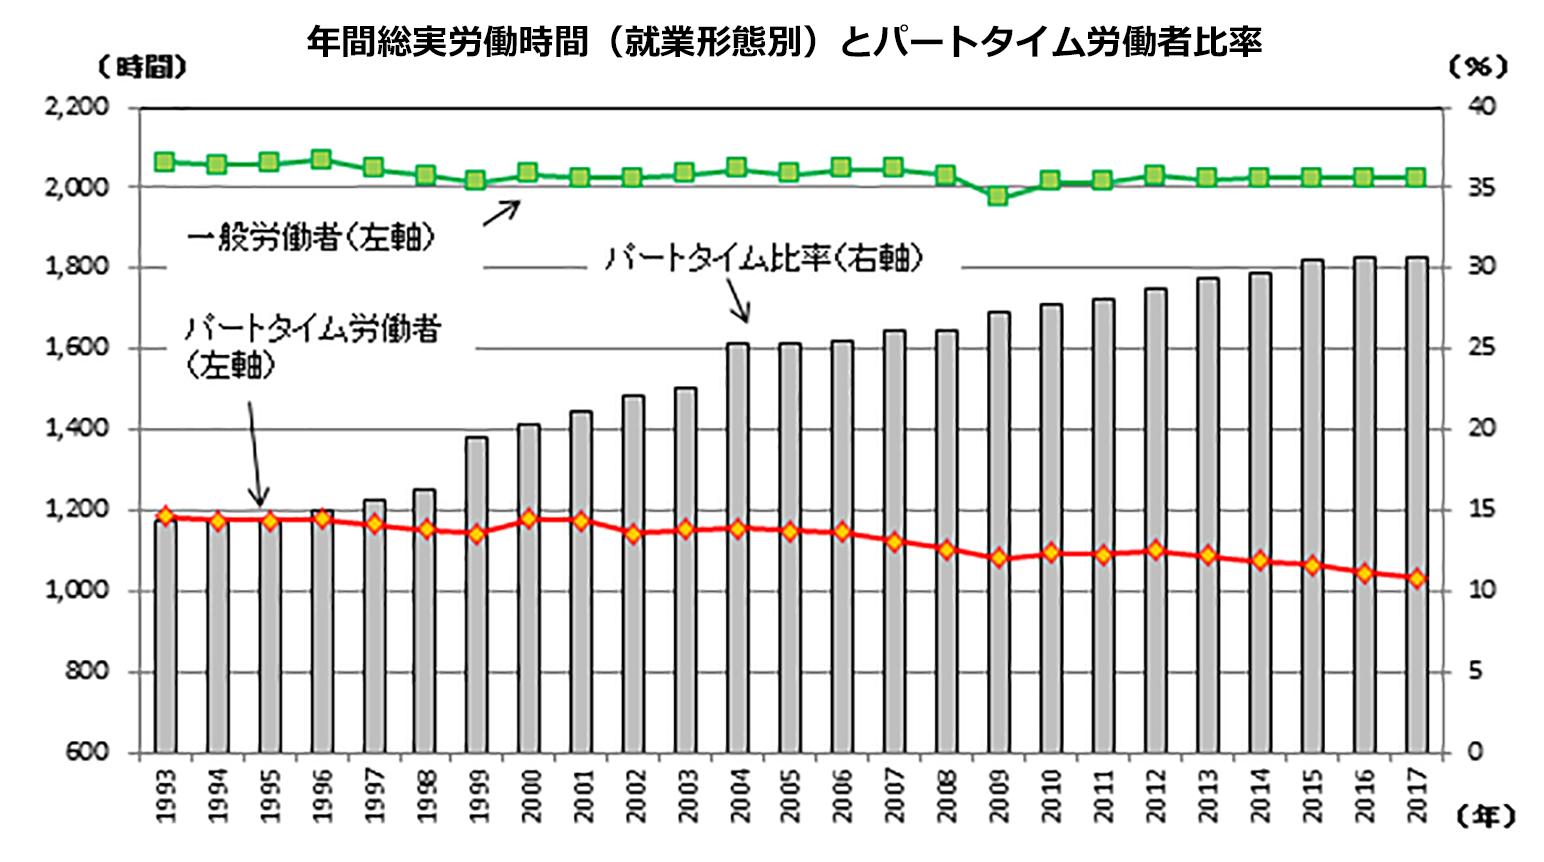 年間総実労働時間(就業形態別)とパートタイム労働者比率